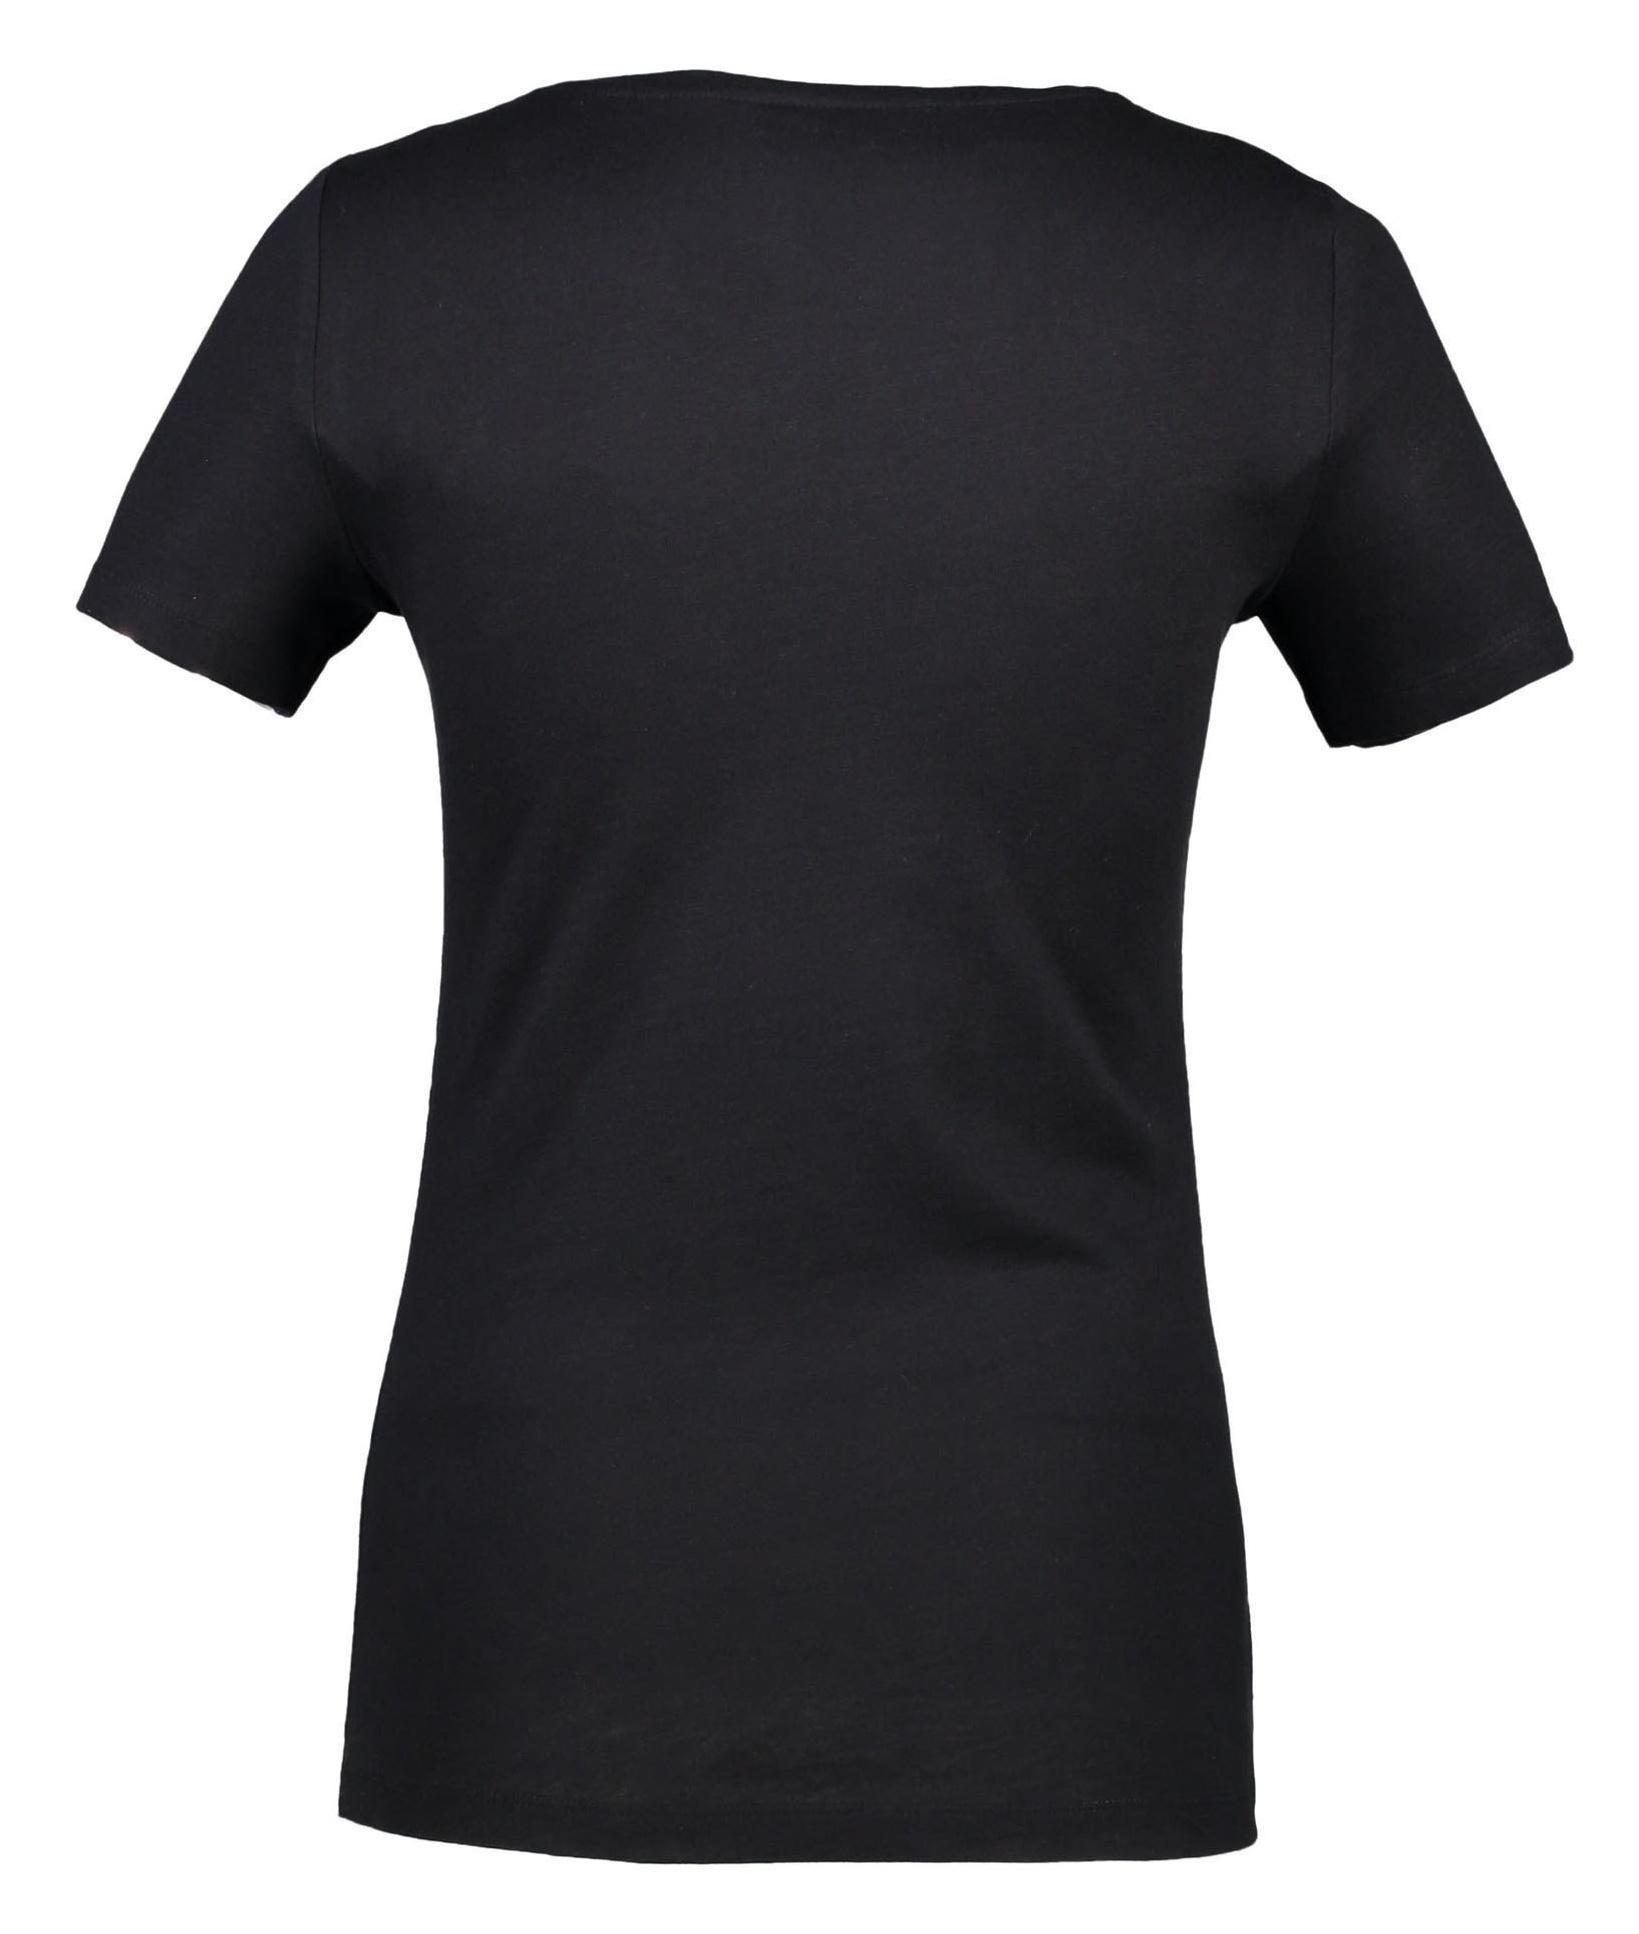 تی شرت نخی یقه گرد زنانه - کالکشن - مشکي - 4